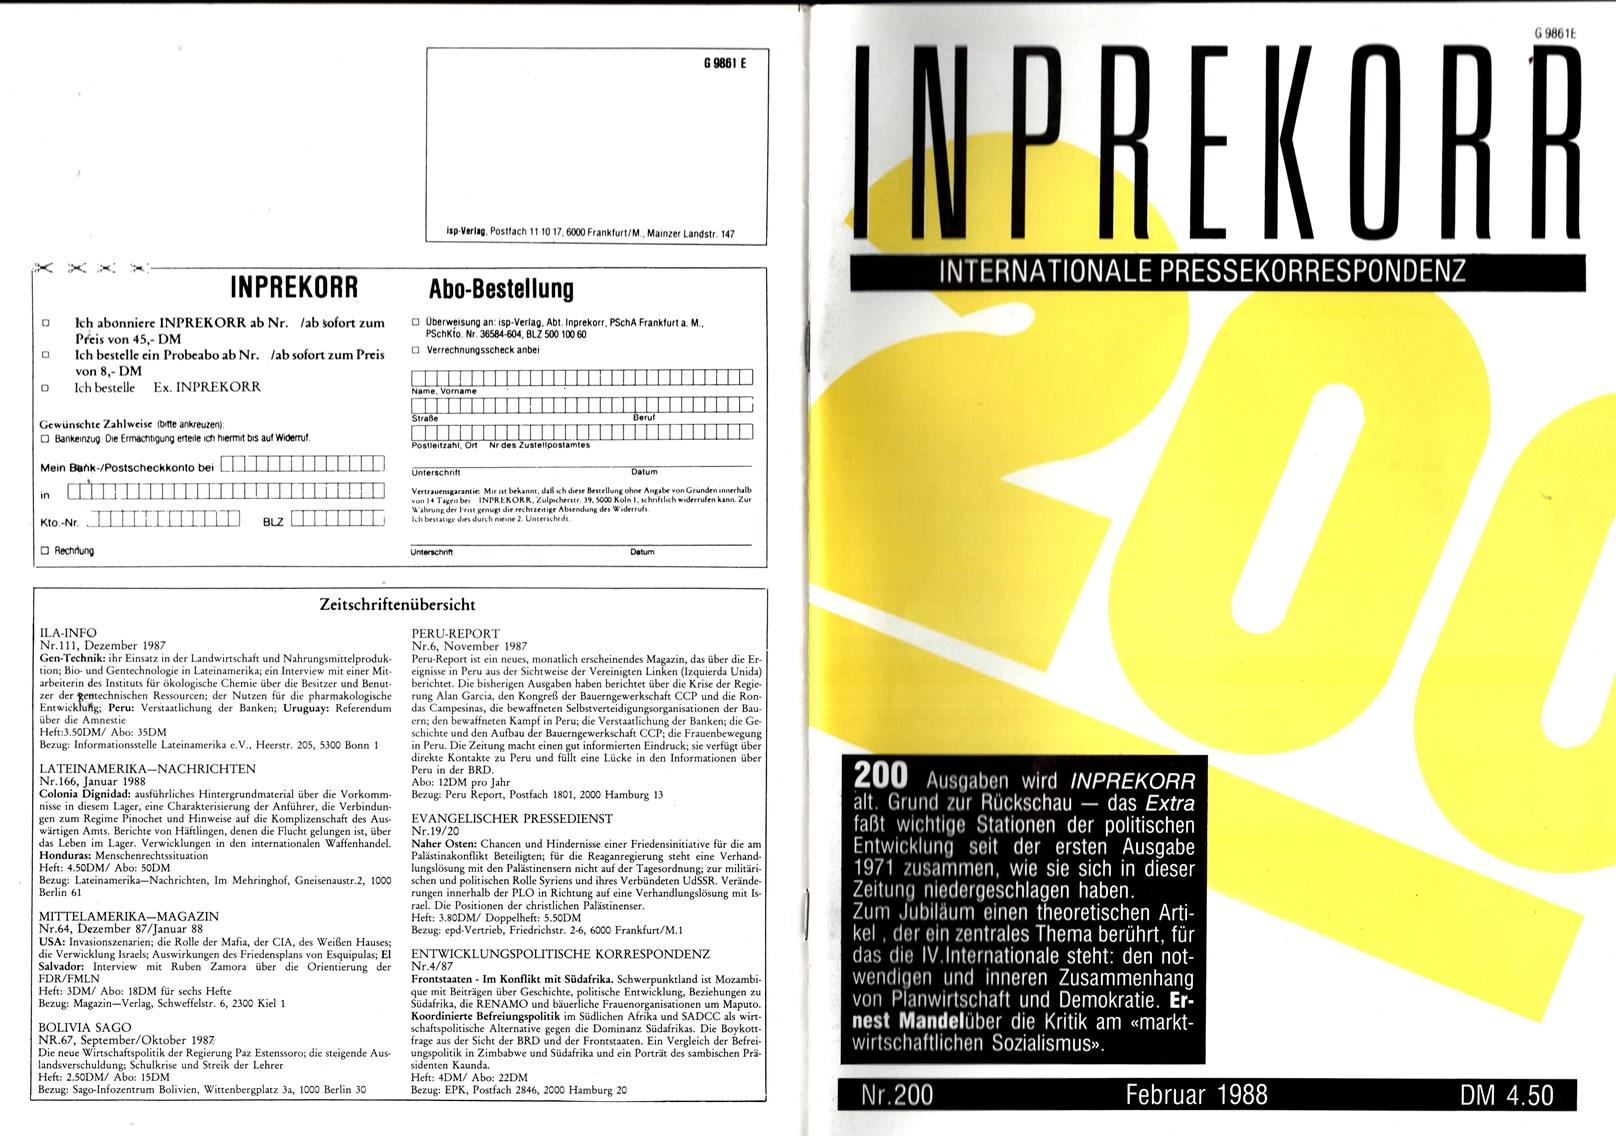 Inprekorr_19880300_200_001